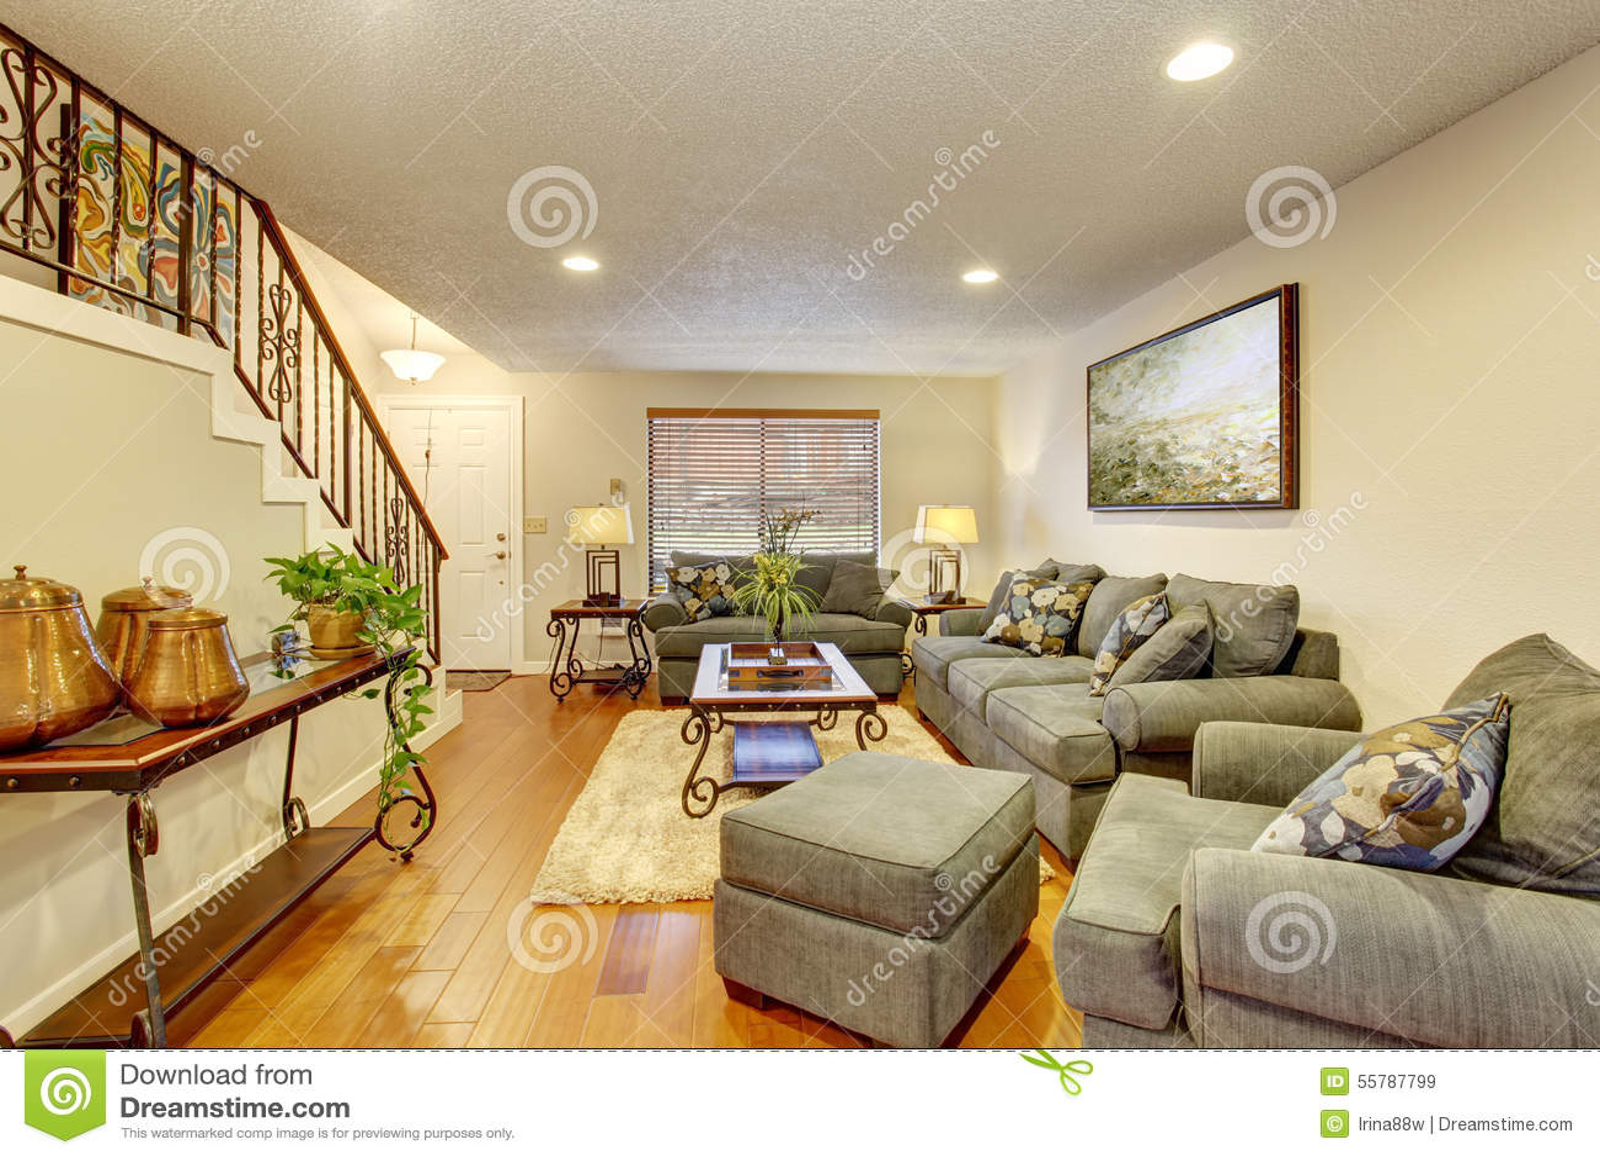 Gemutliches Wohnzimmer Mit Massivholzboden Stockbild Bild Von Warm Lampe 55787799